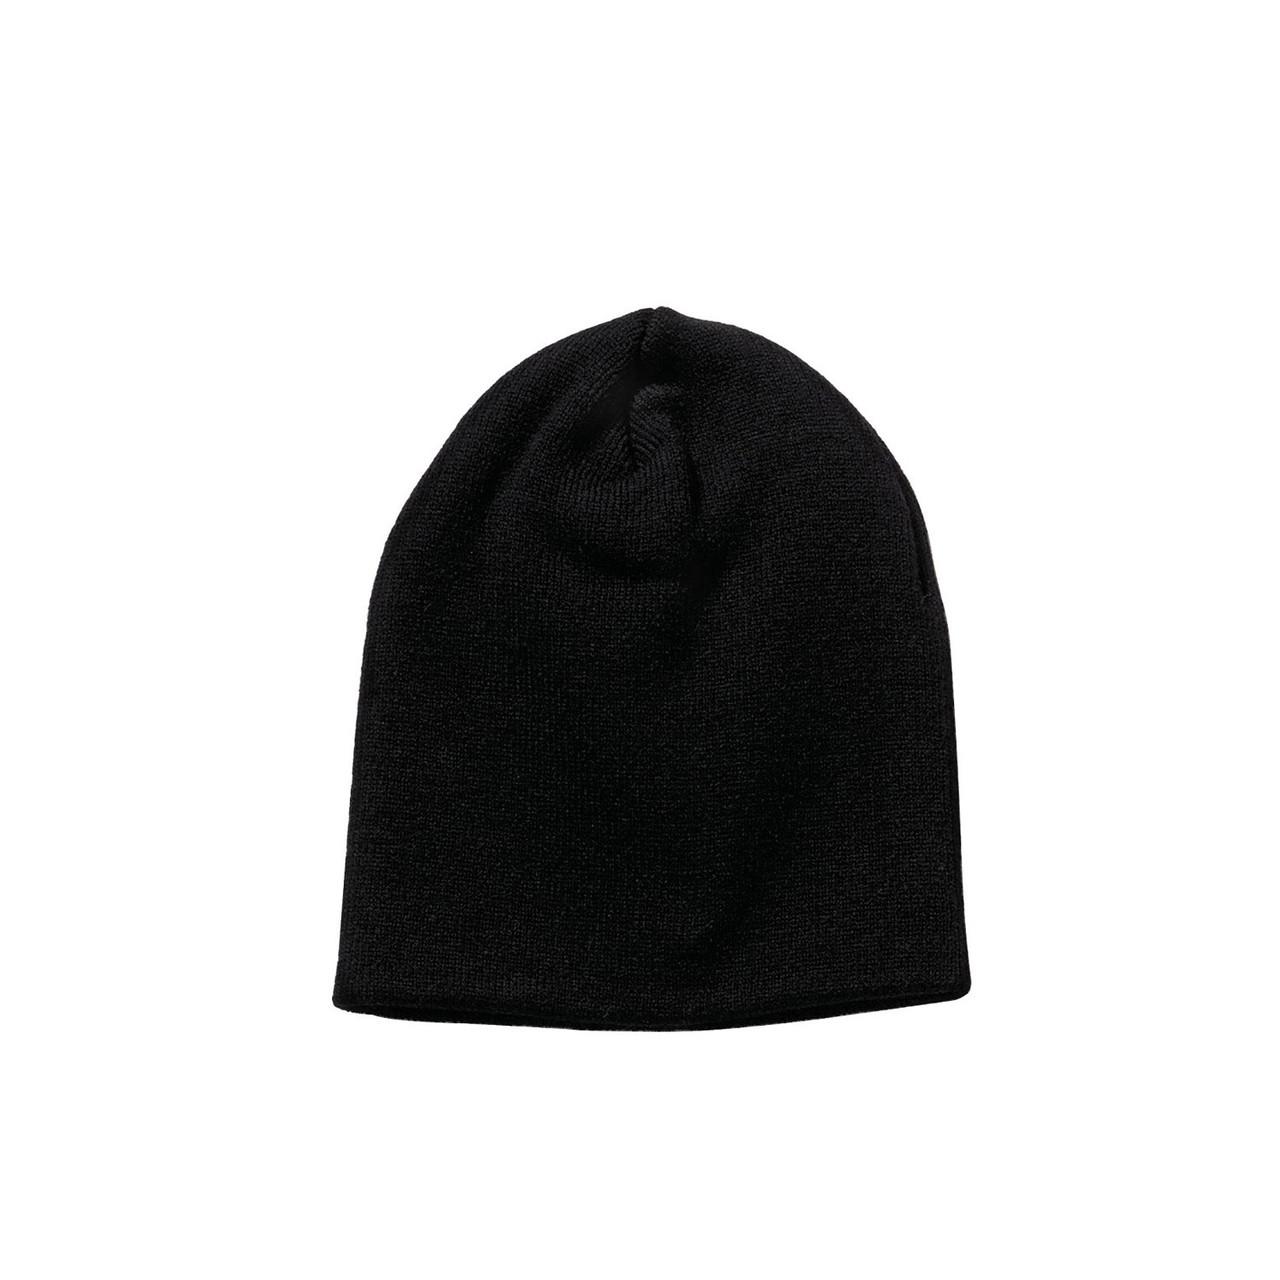 7d42137d38e5ec Shop Deluxe Black Skull Caps - Fatigues Army Navy Gear